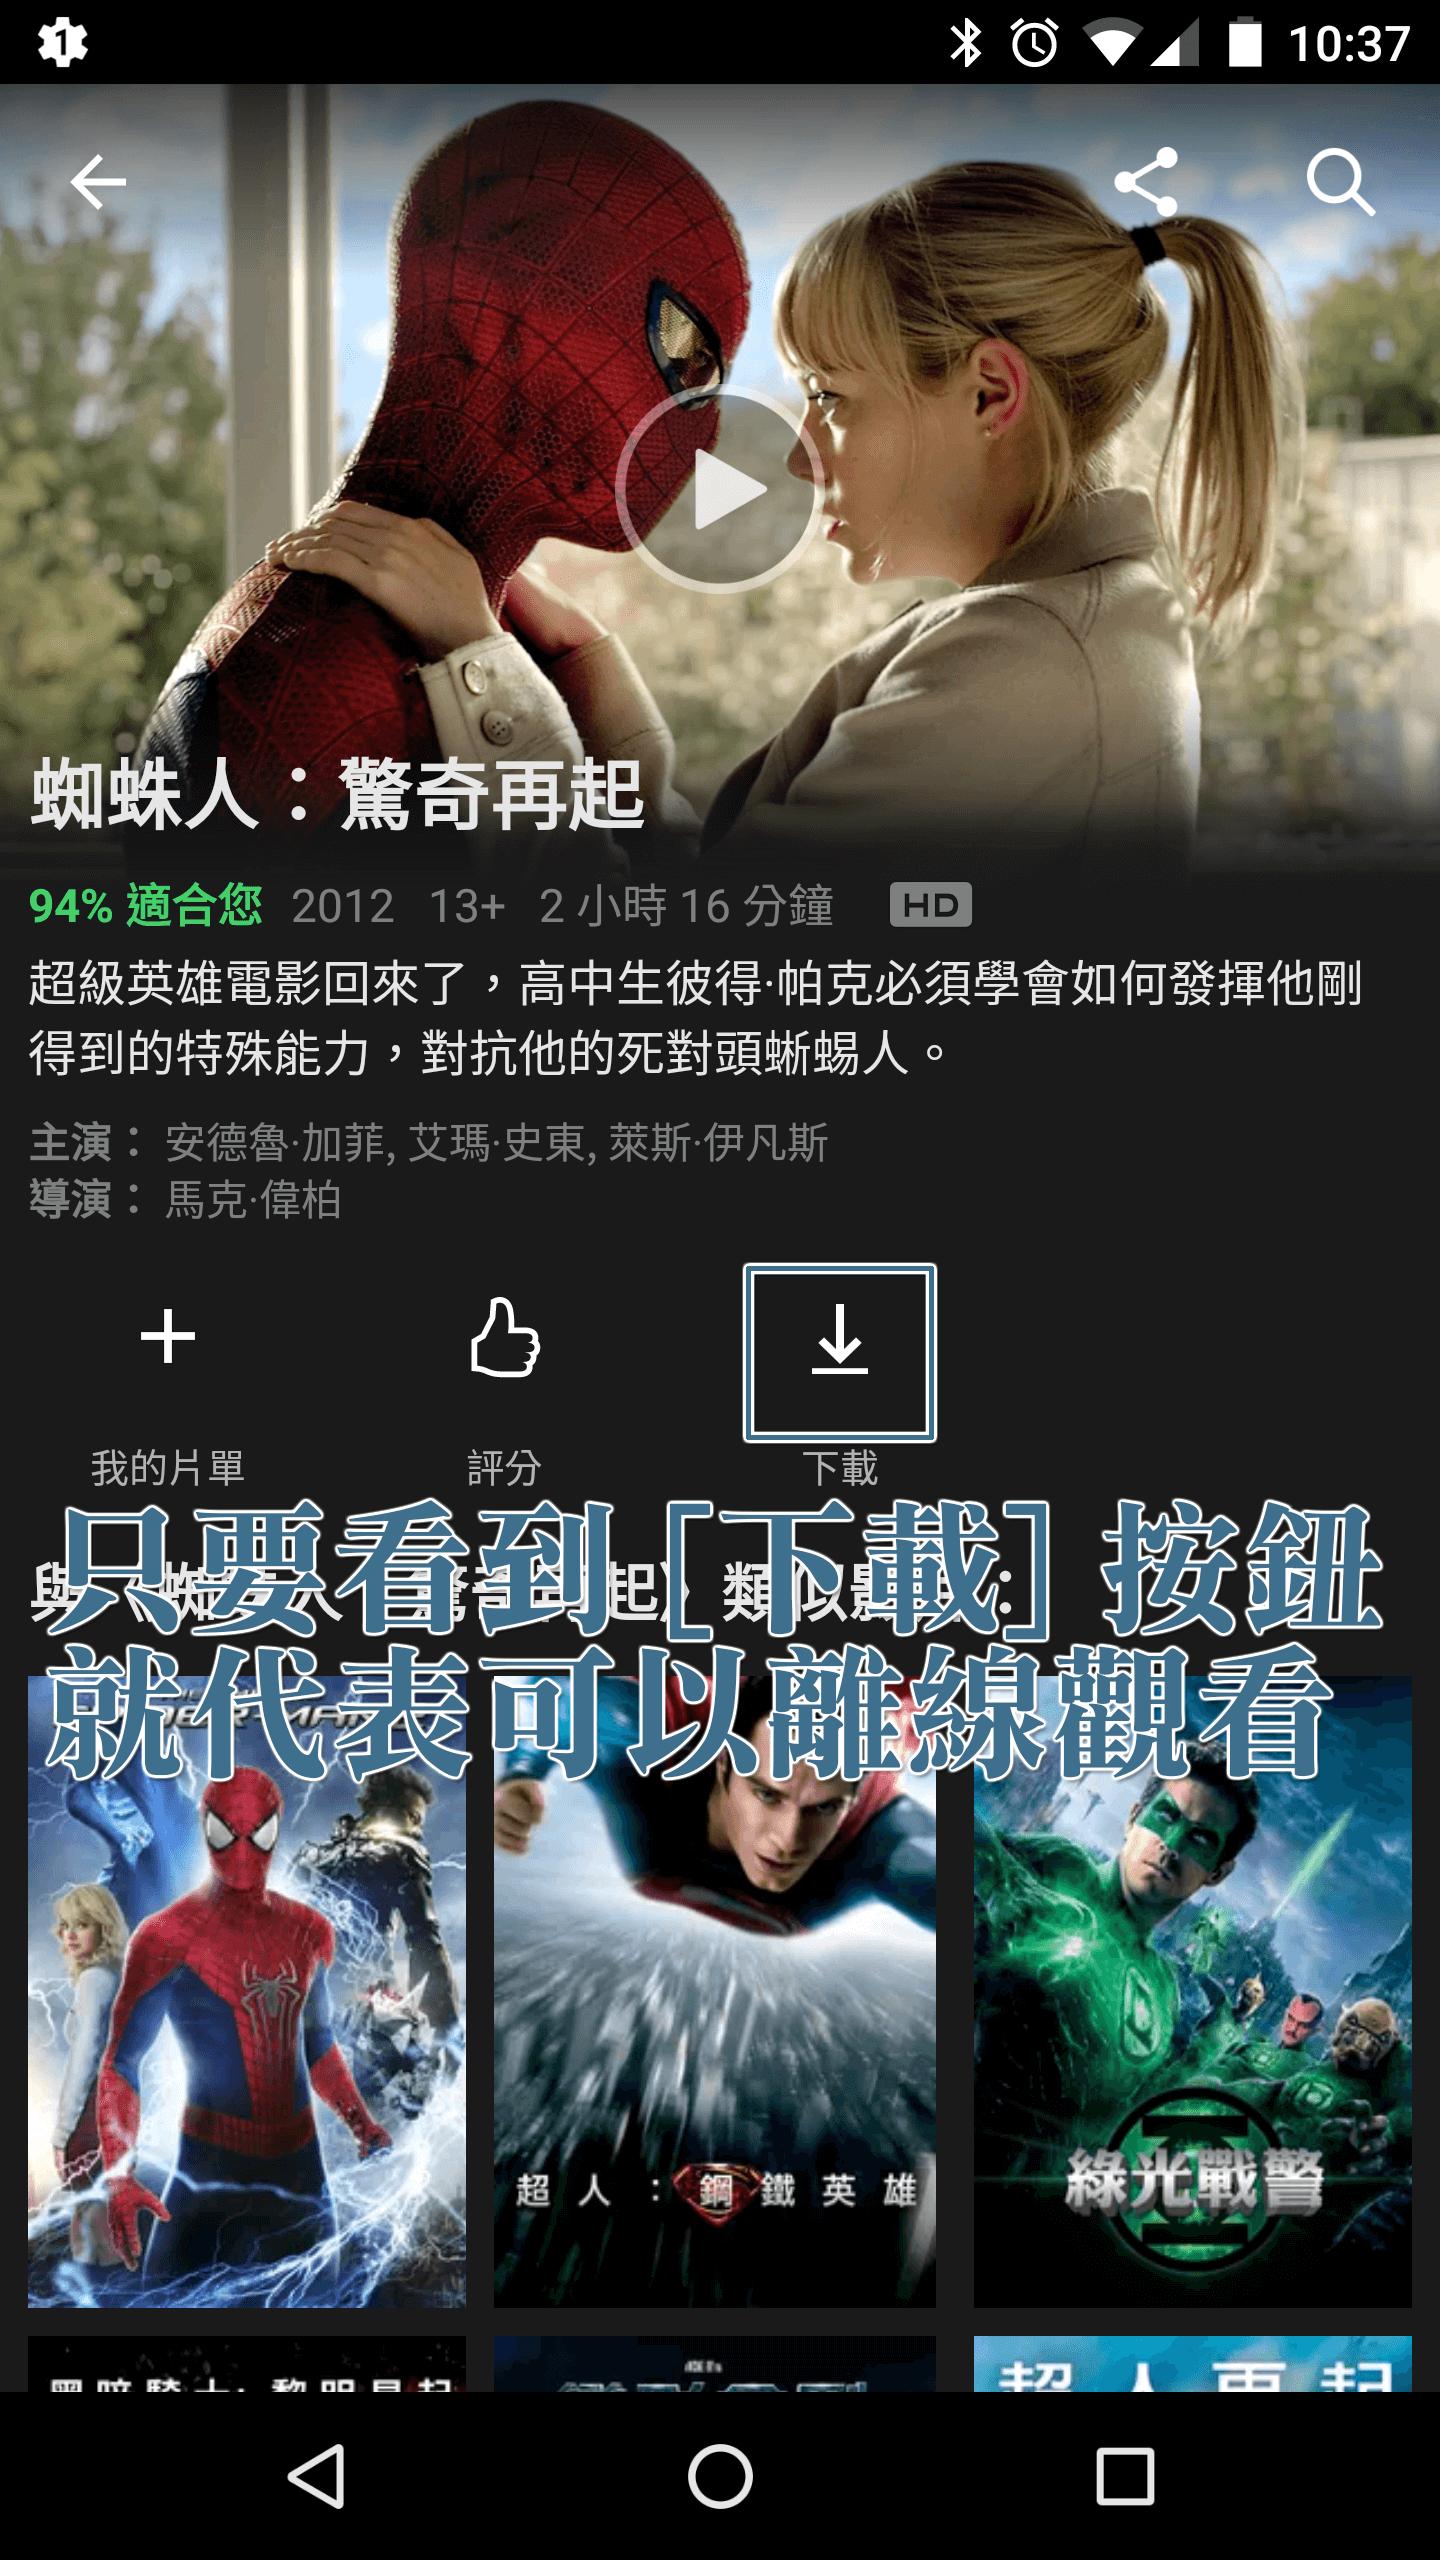 看到下載按鈕就代表這部電影或影集可供下載連線觀看